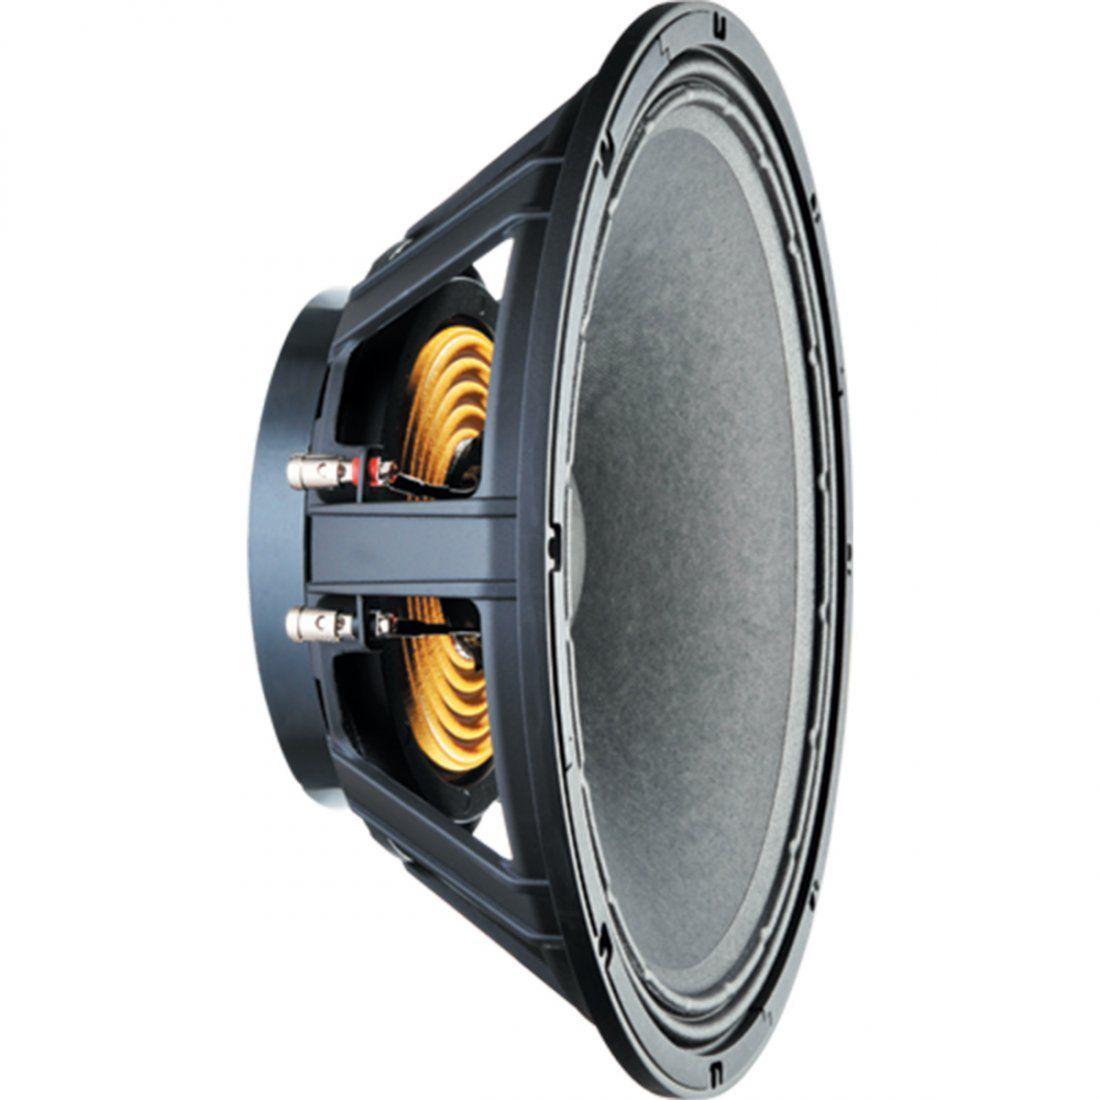 Celestion FTR15-3070C Woofer Alto Falante para Caixas de Som